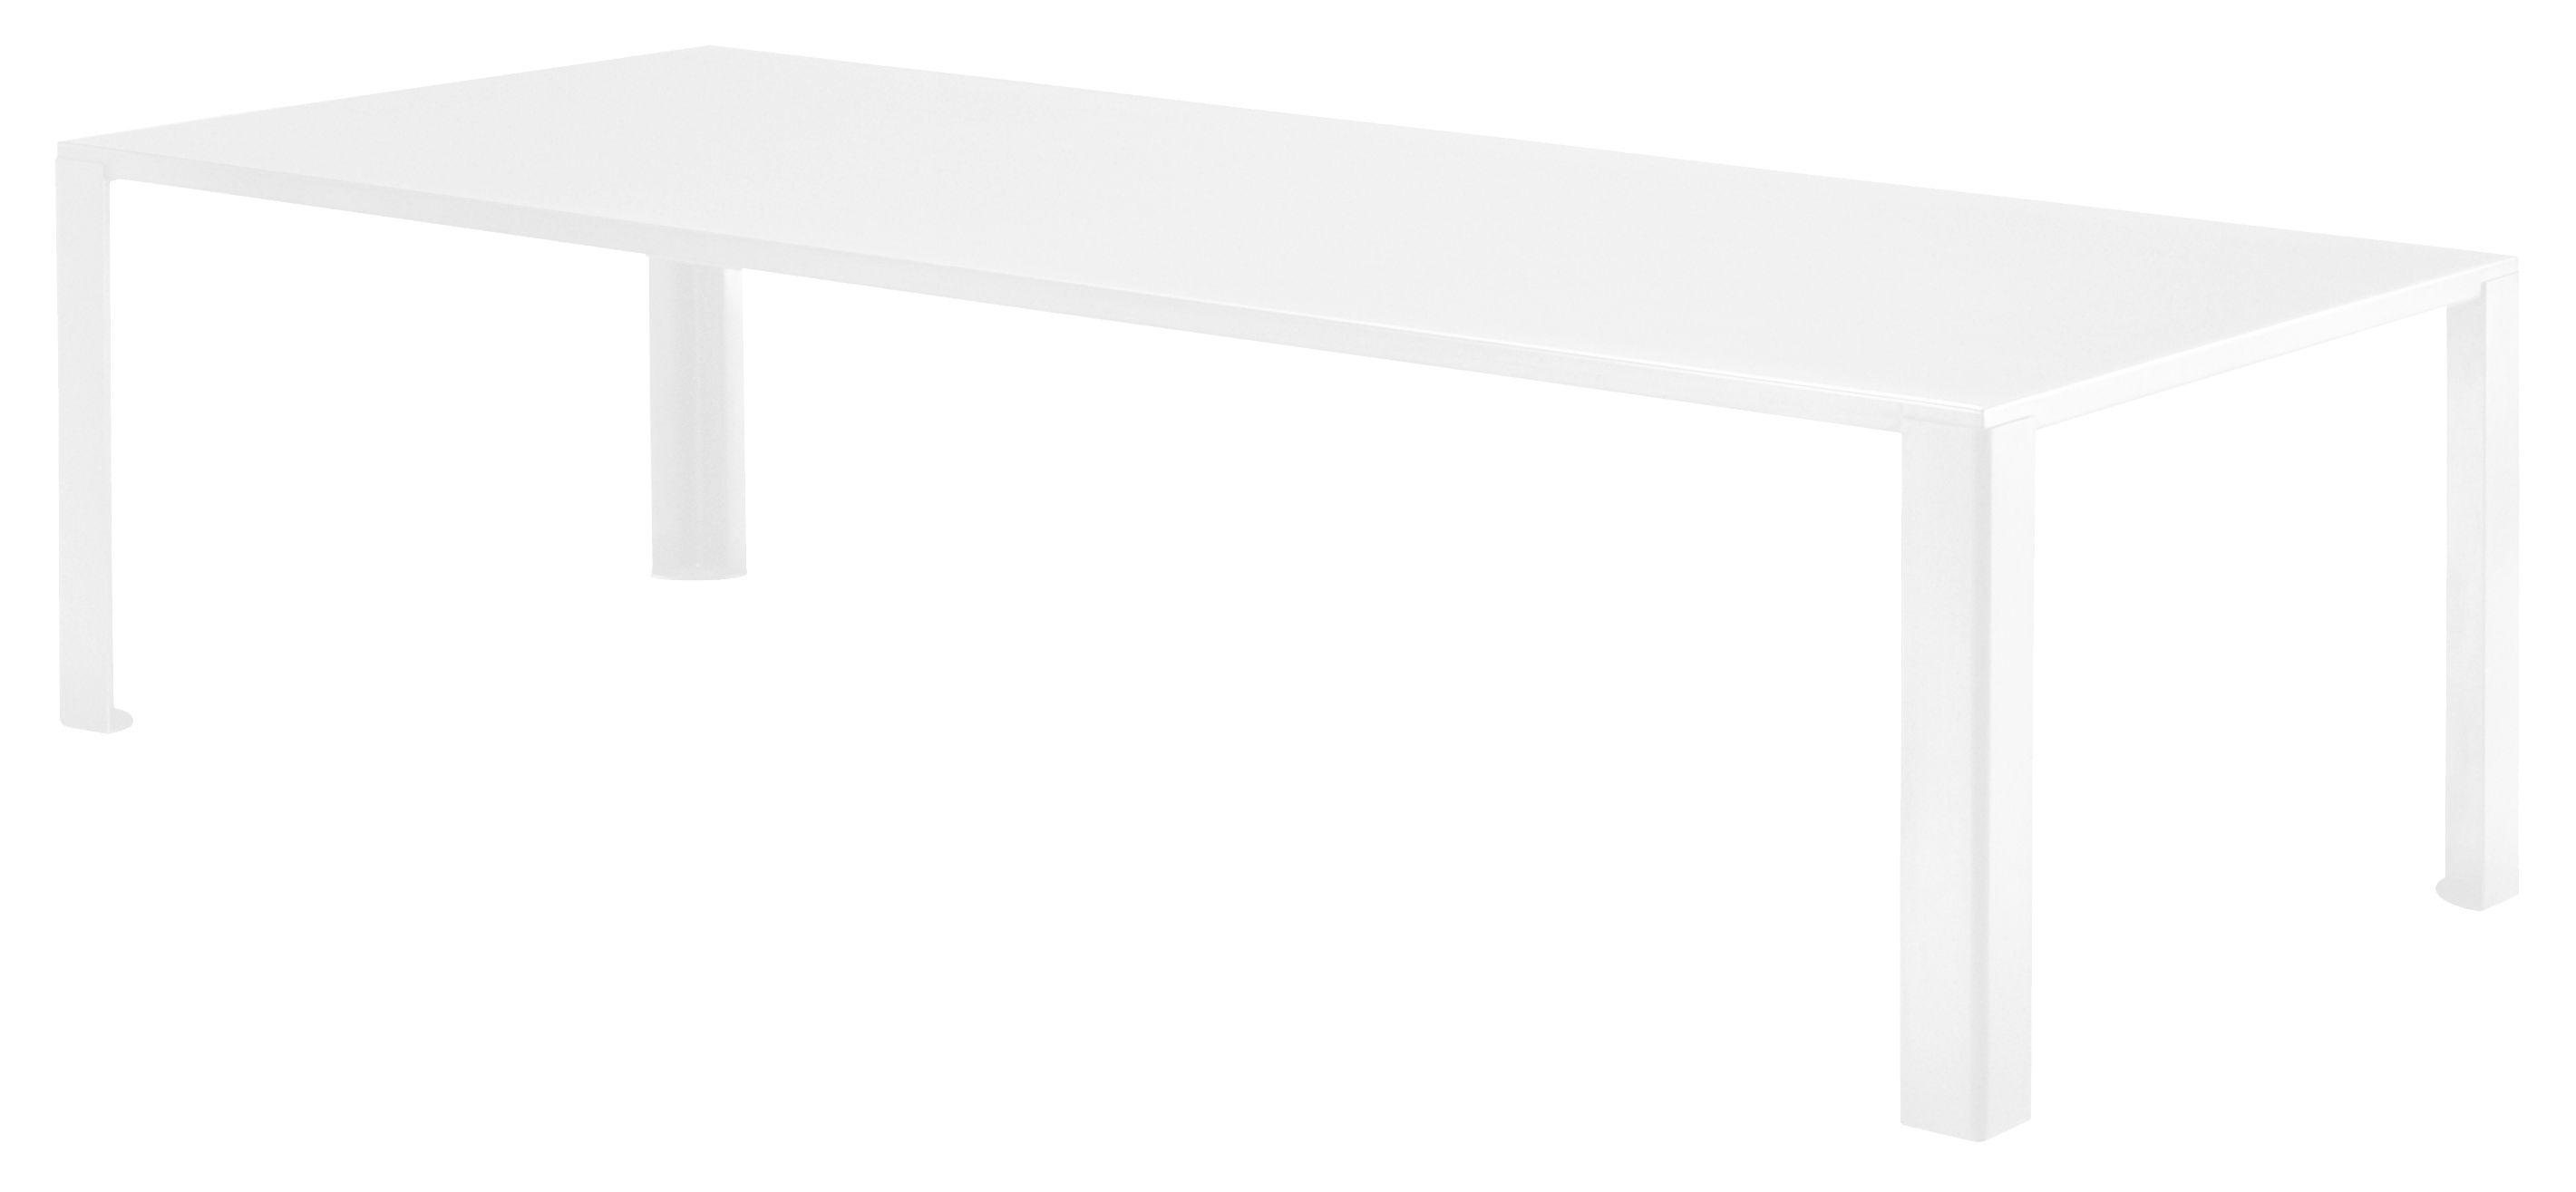 Outdoor - Tavoli  - Tavolo rettangolare Big Irony Outdoor - / L 238 cm di Zeus - Bianco - Acciaio zincato con verniciatura epossidica